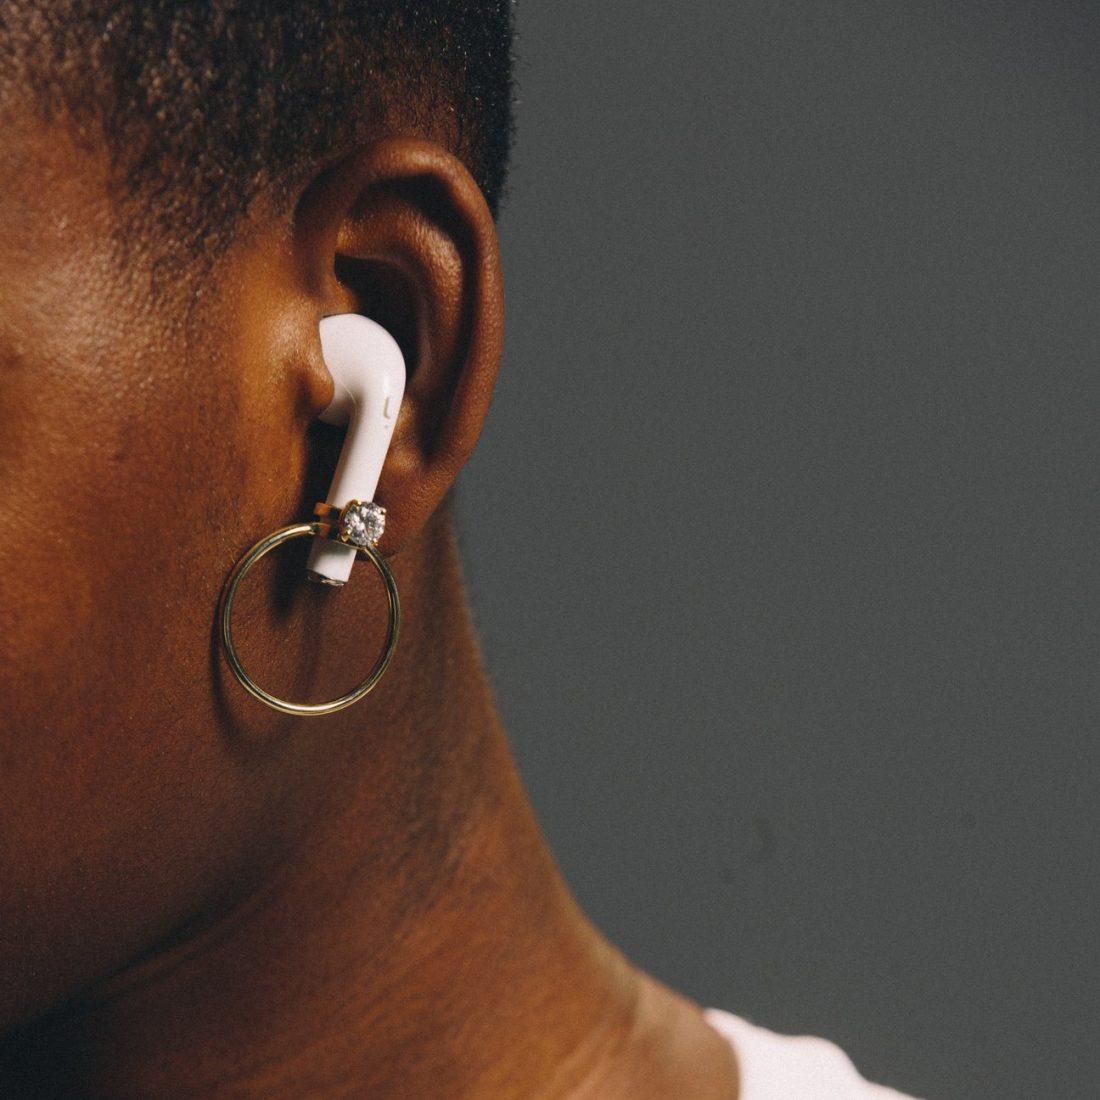 Bijules EarPod Earrings